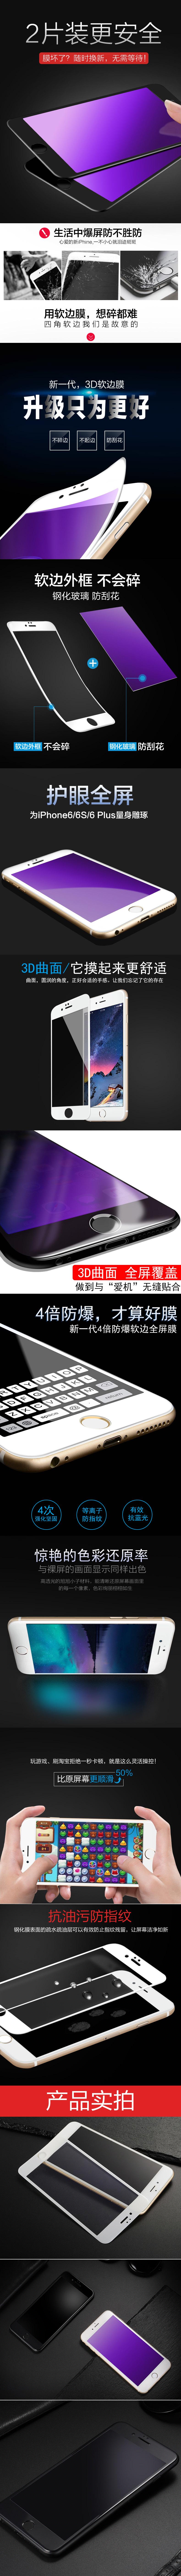 大气简洁手机钢化膜详情页PSD模板